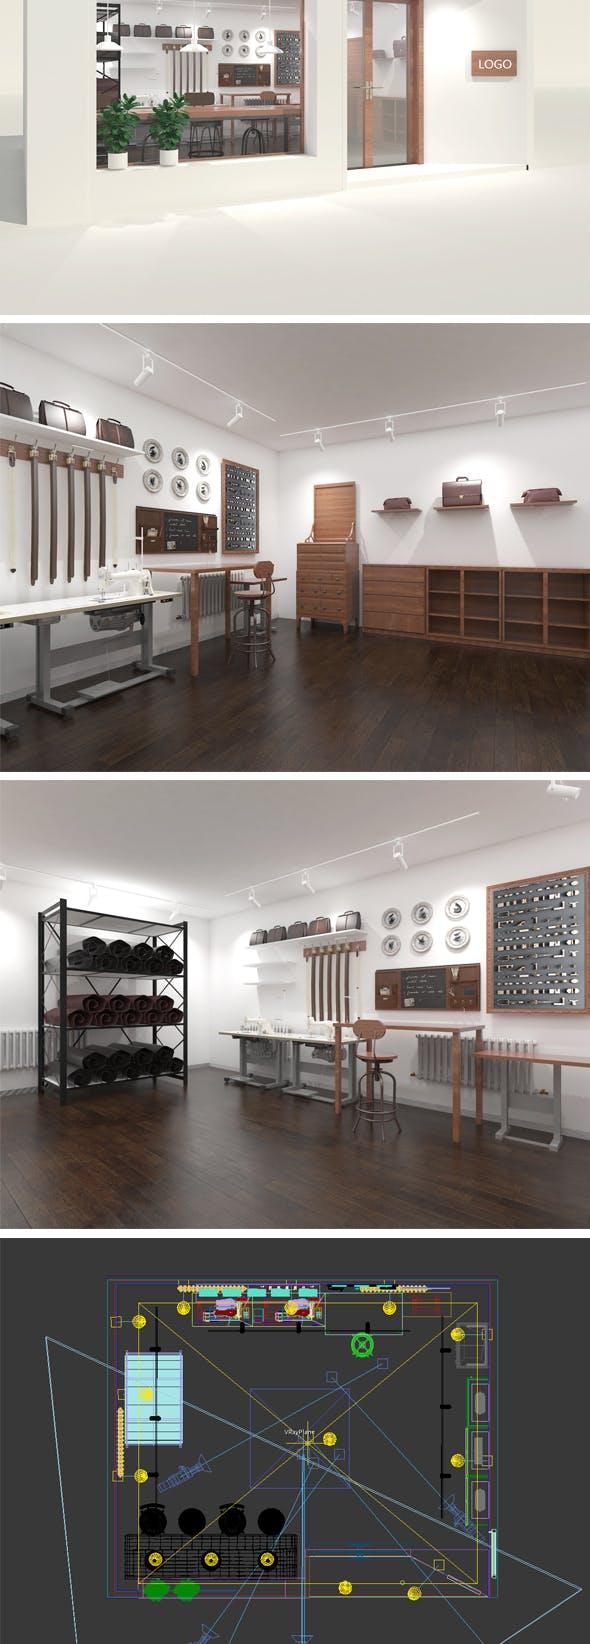 leather workshop - 3DOcean Item for Sale